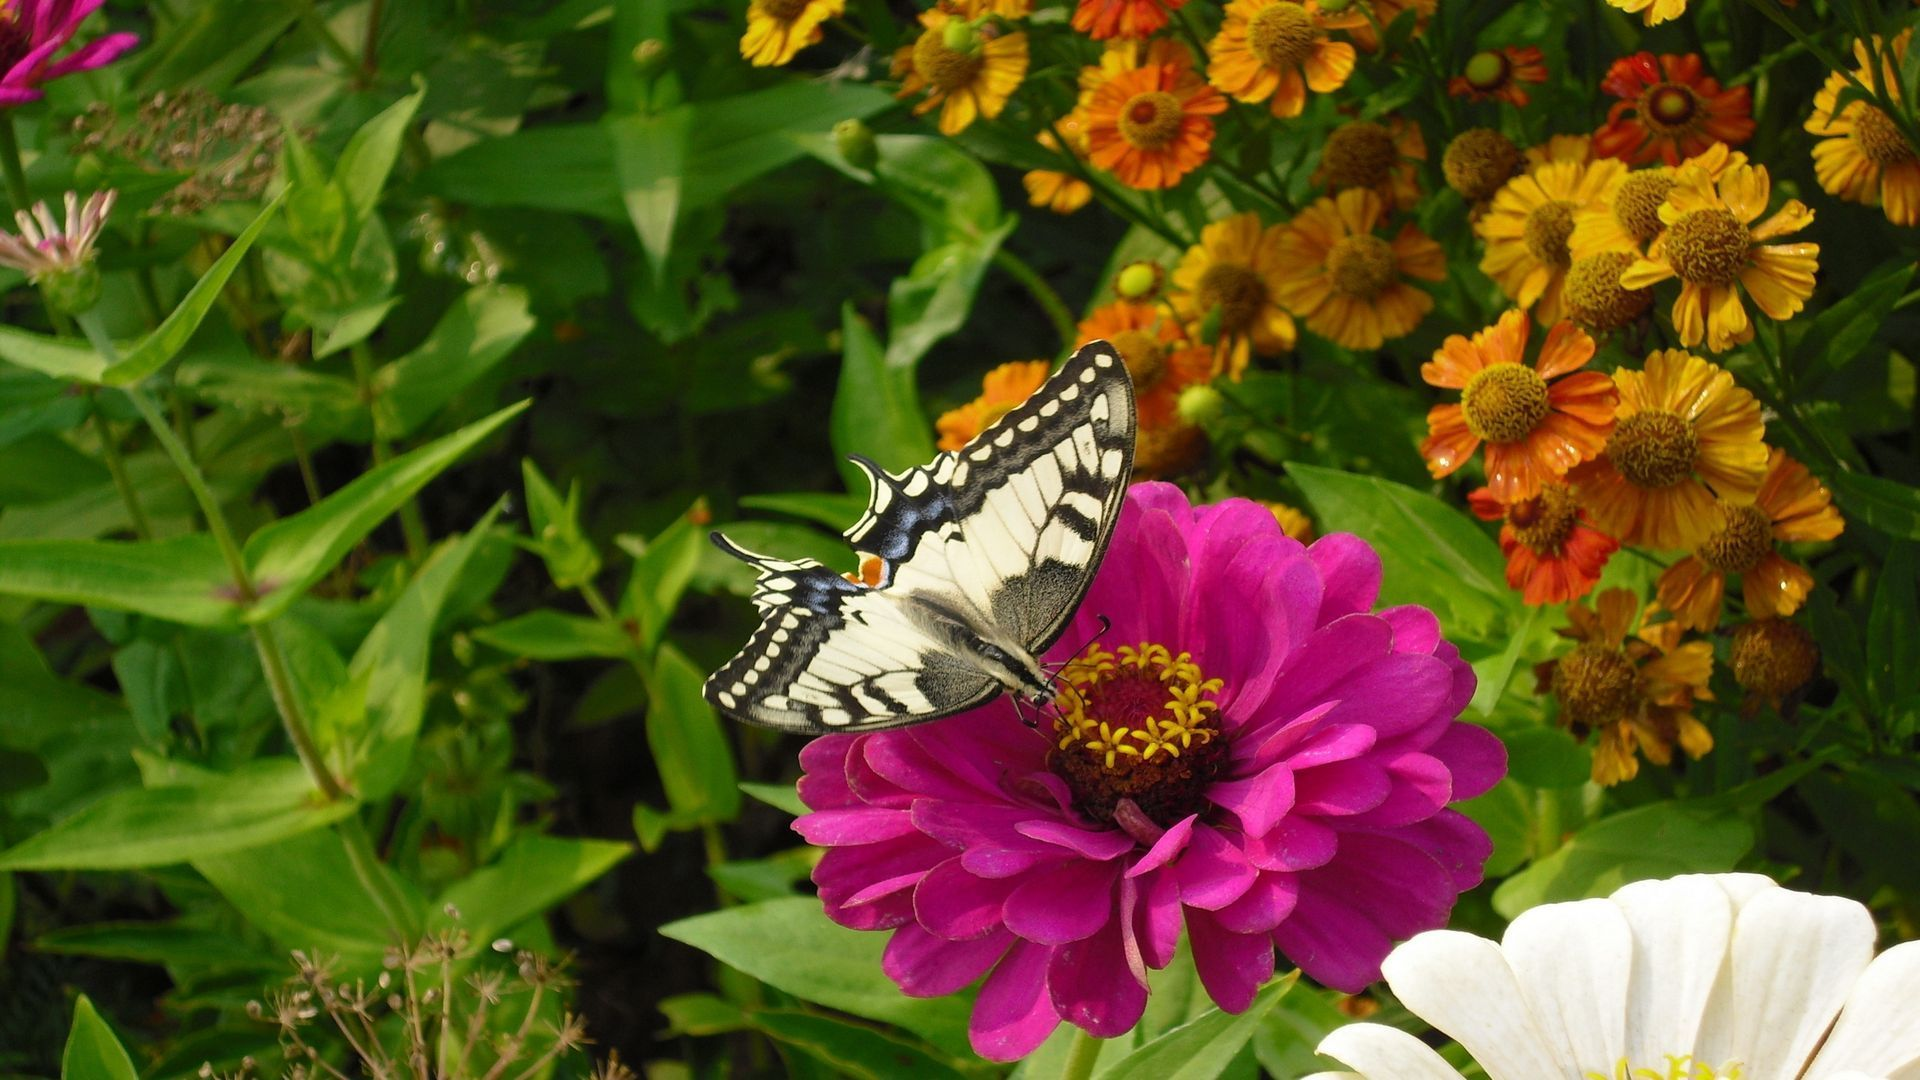 Wallpaper Butterfly On Flower